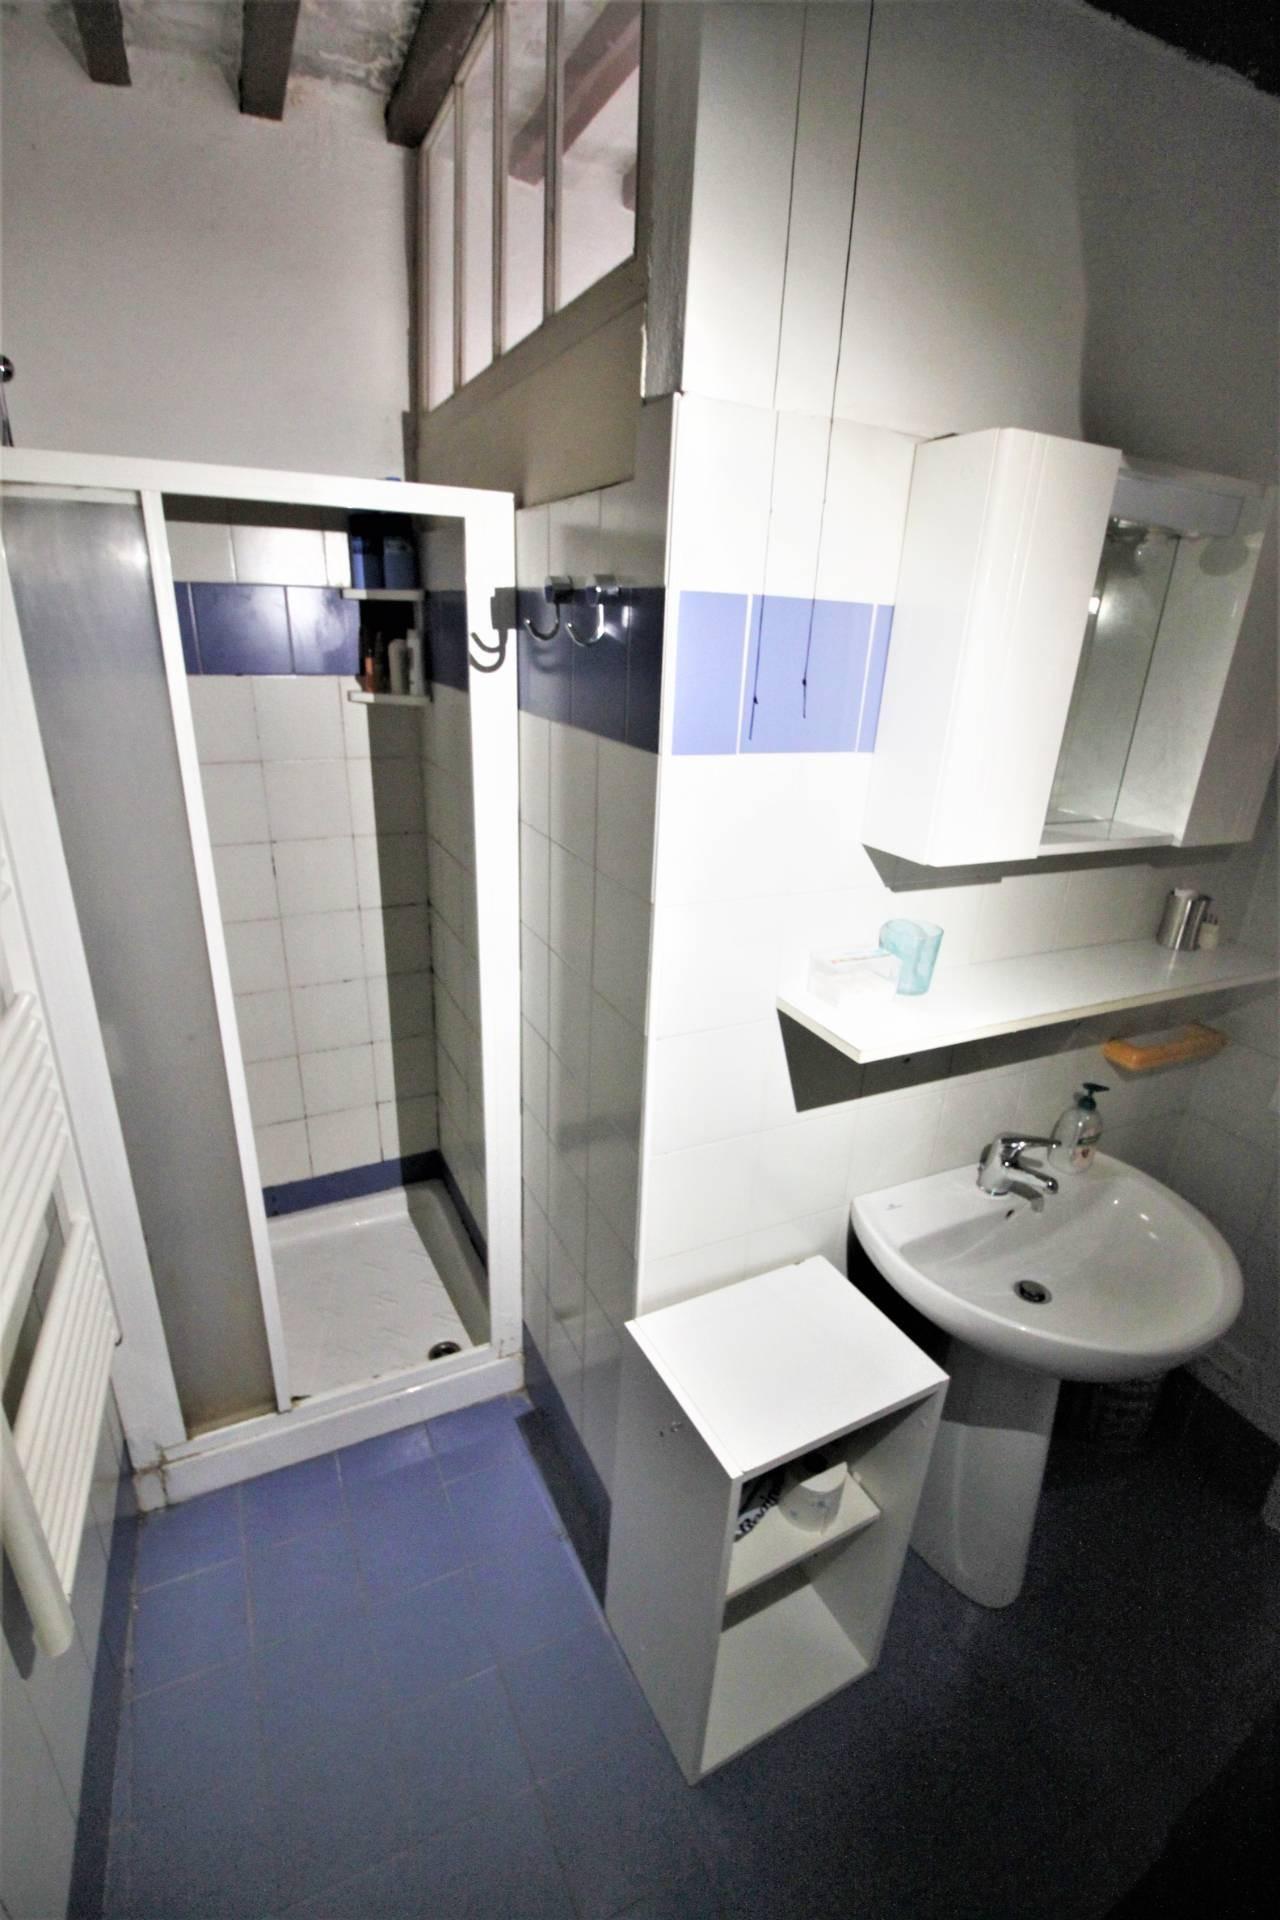 Appartamento in affitto, rif. 4 vani in s maria in aff tr 98